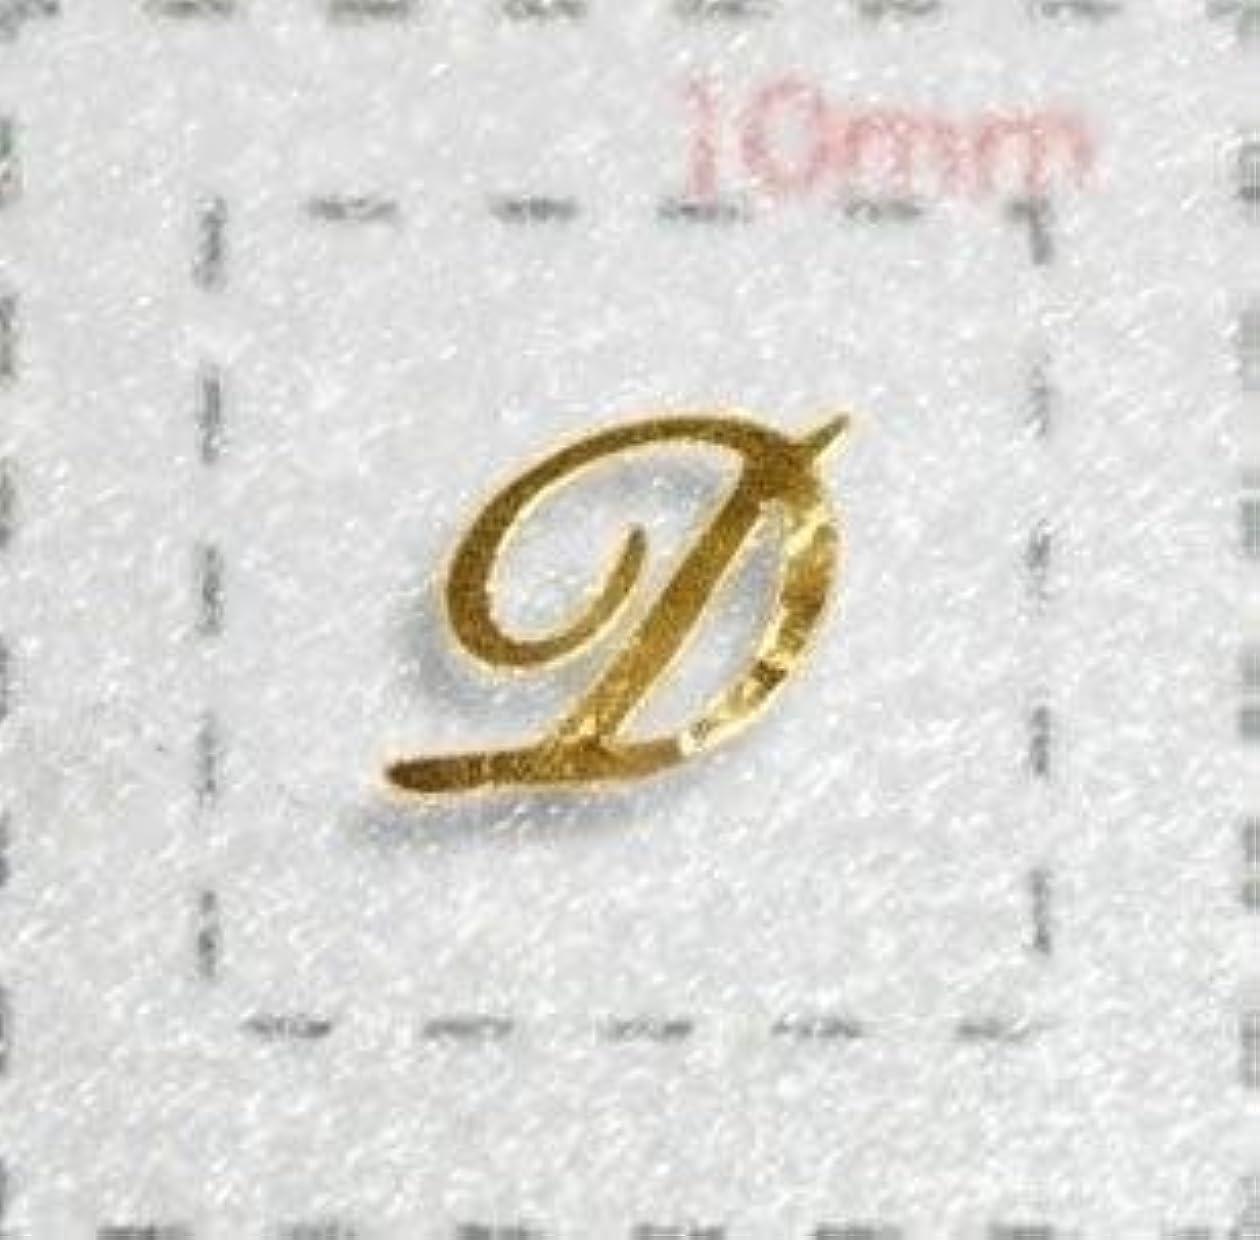 交差点ジェム憂慮すべきNameネイルシール【アルファベット?イニシャル】大文字ゴールド( D )1シート9枚入